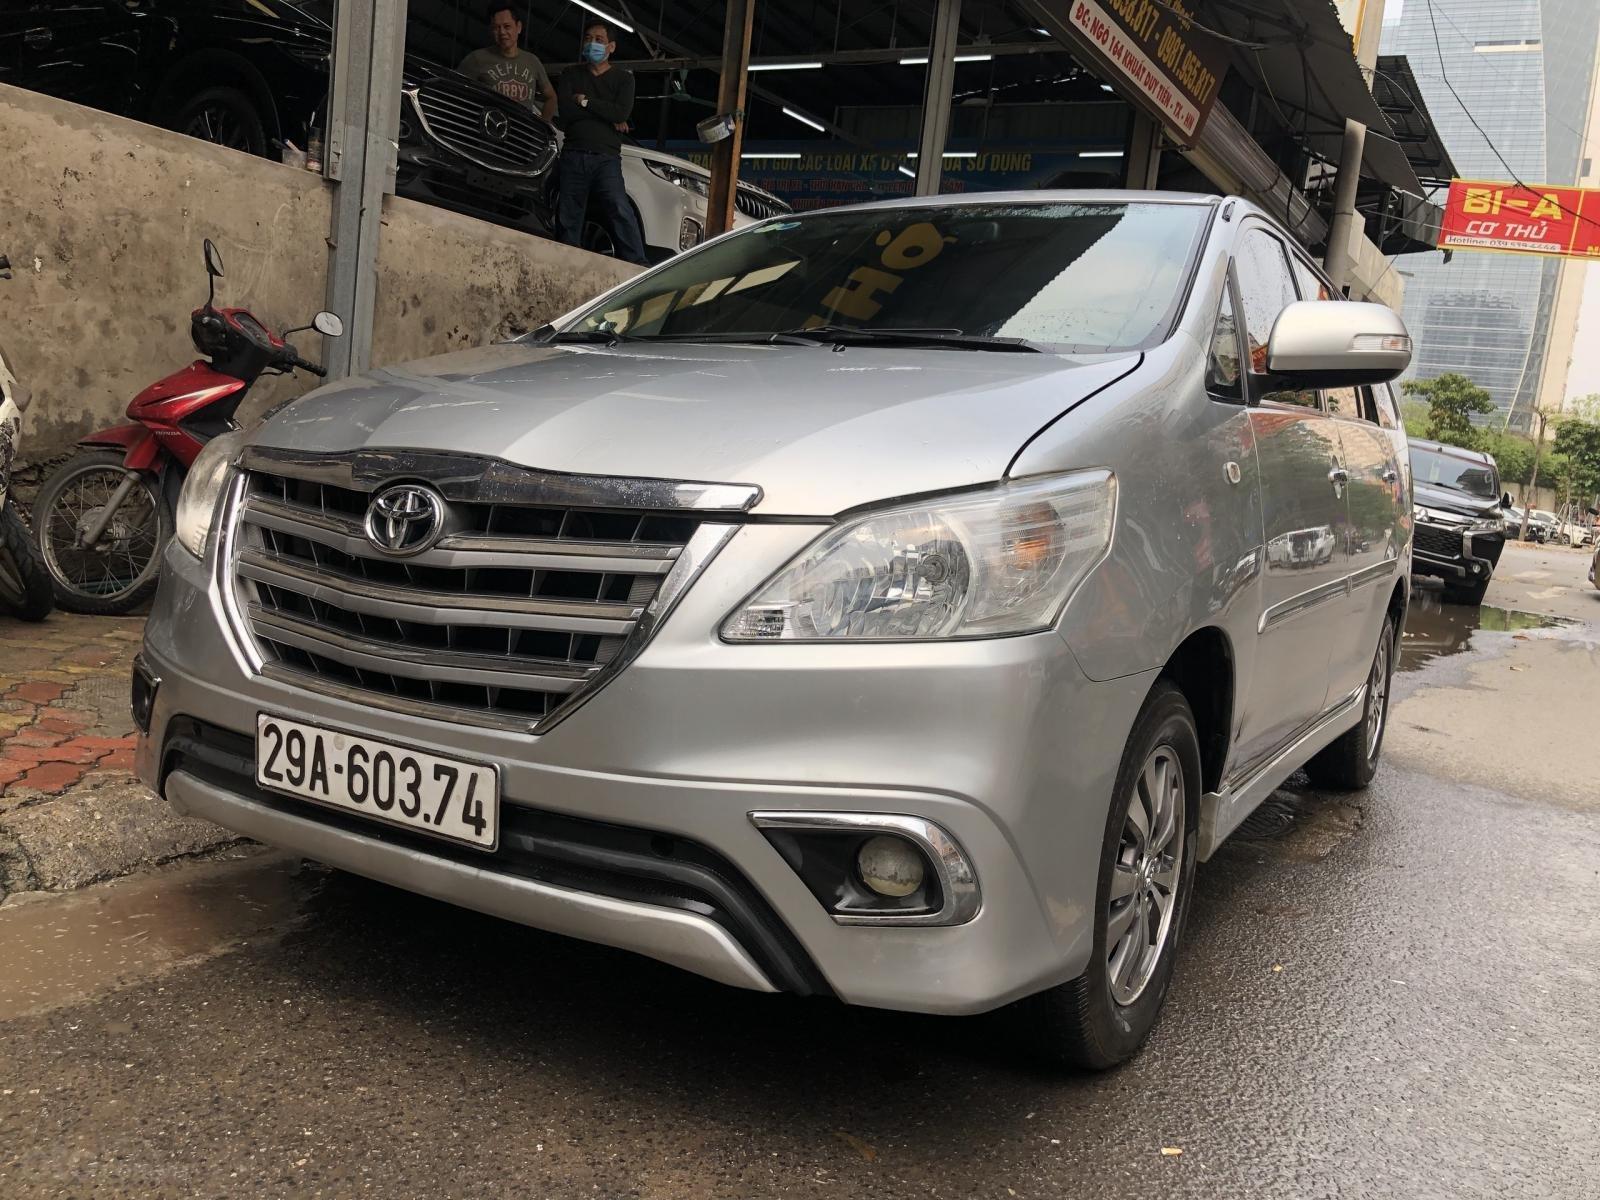 Long Auto bán xe Toyota Innova đời 2012 số tự động bản G giá 410tr (3)